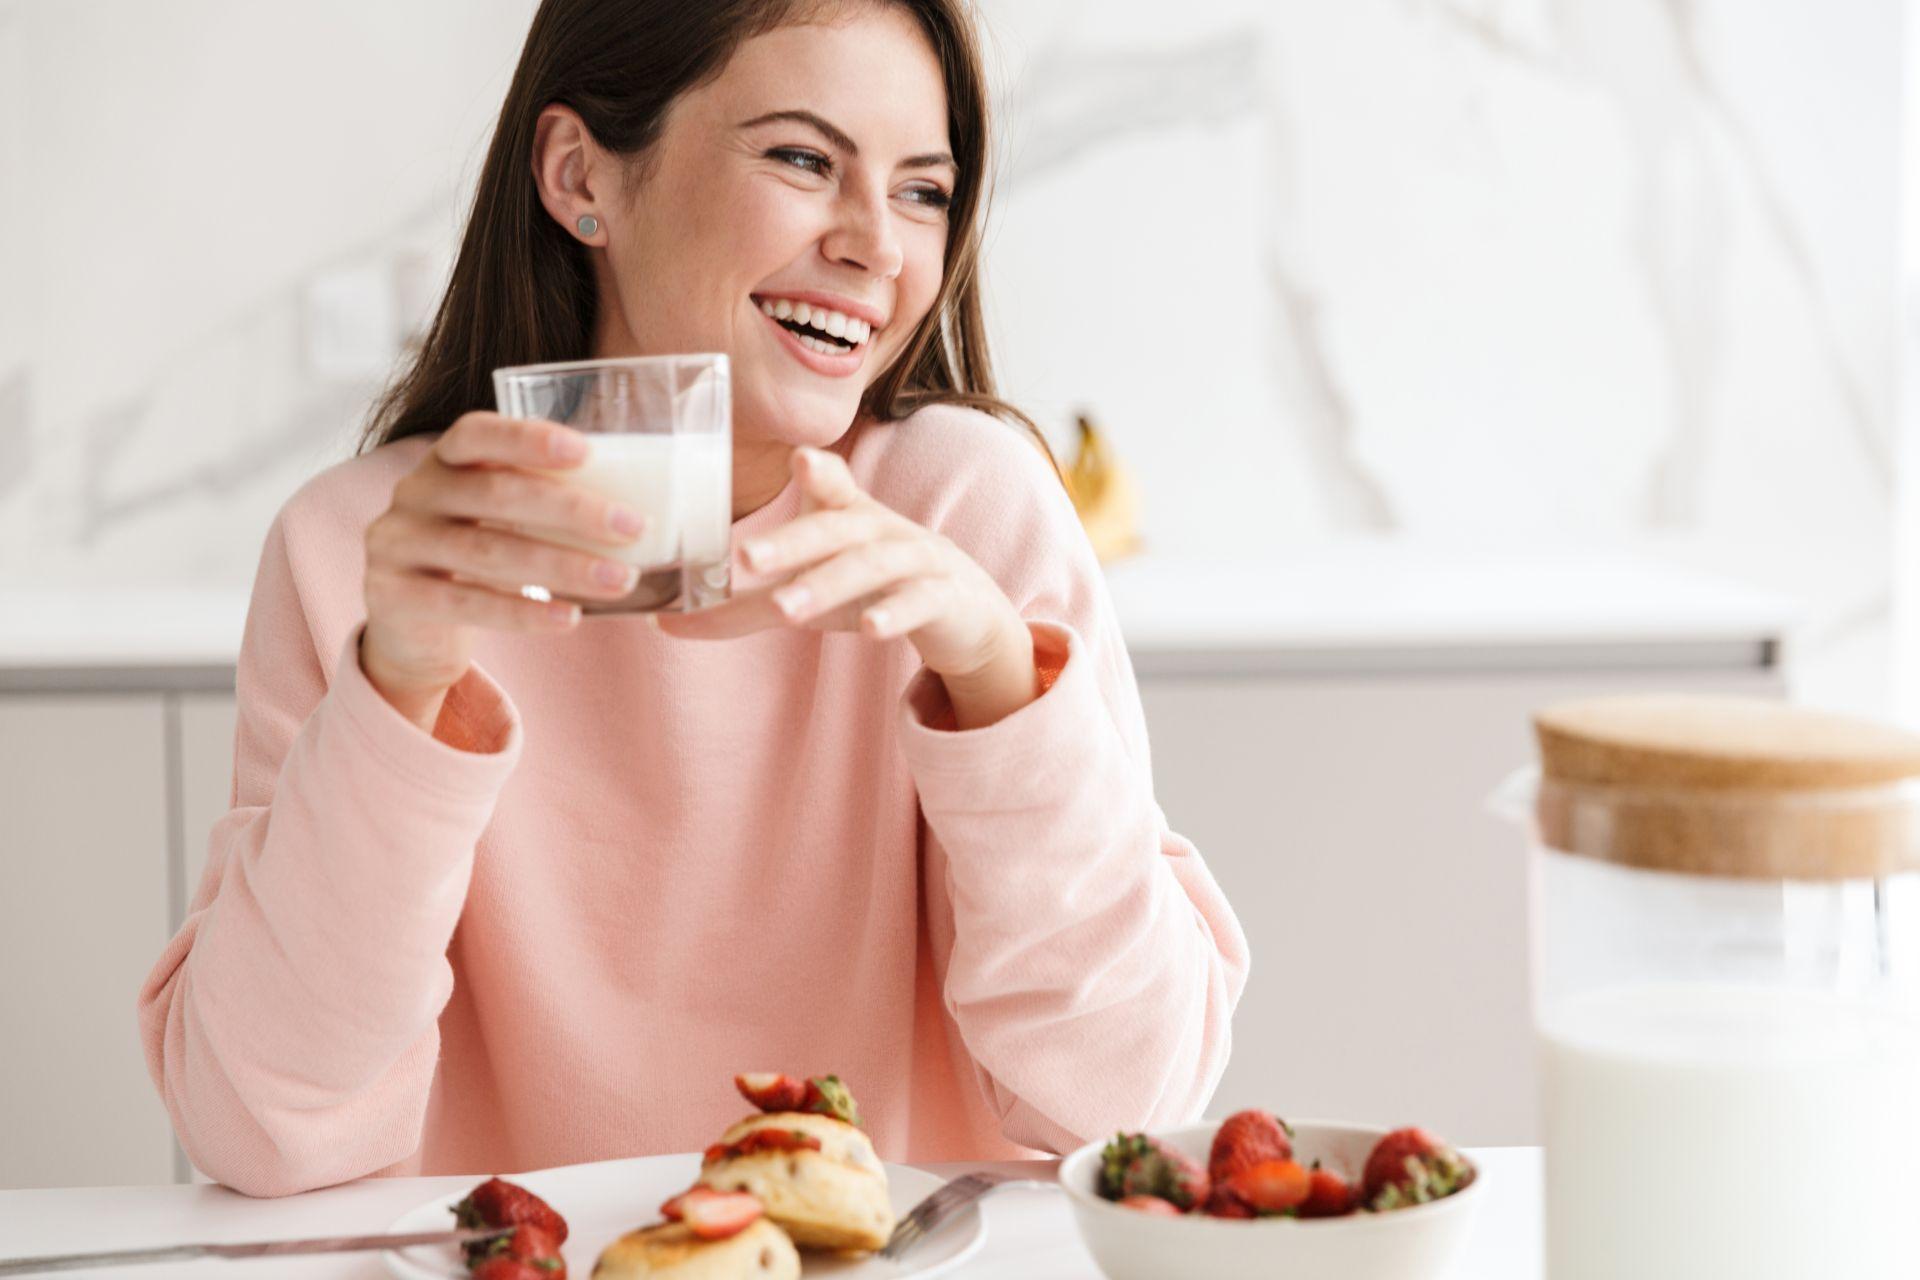 Nietolerancja laktozy i uczulenie na nabiał to dolegliwości, których objawy trudno rozróżnić - zastosuj dietę eliminacyjną i wzbogacaj jadłospis roślinnym źródłem wapnia.